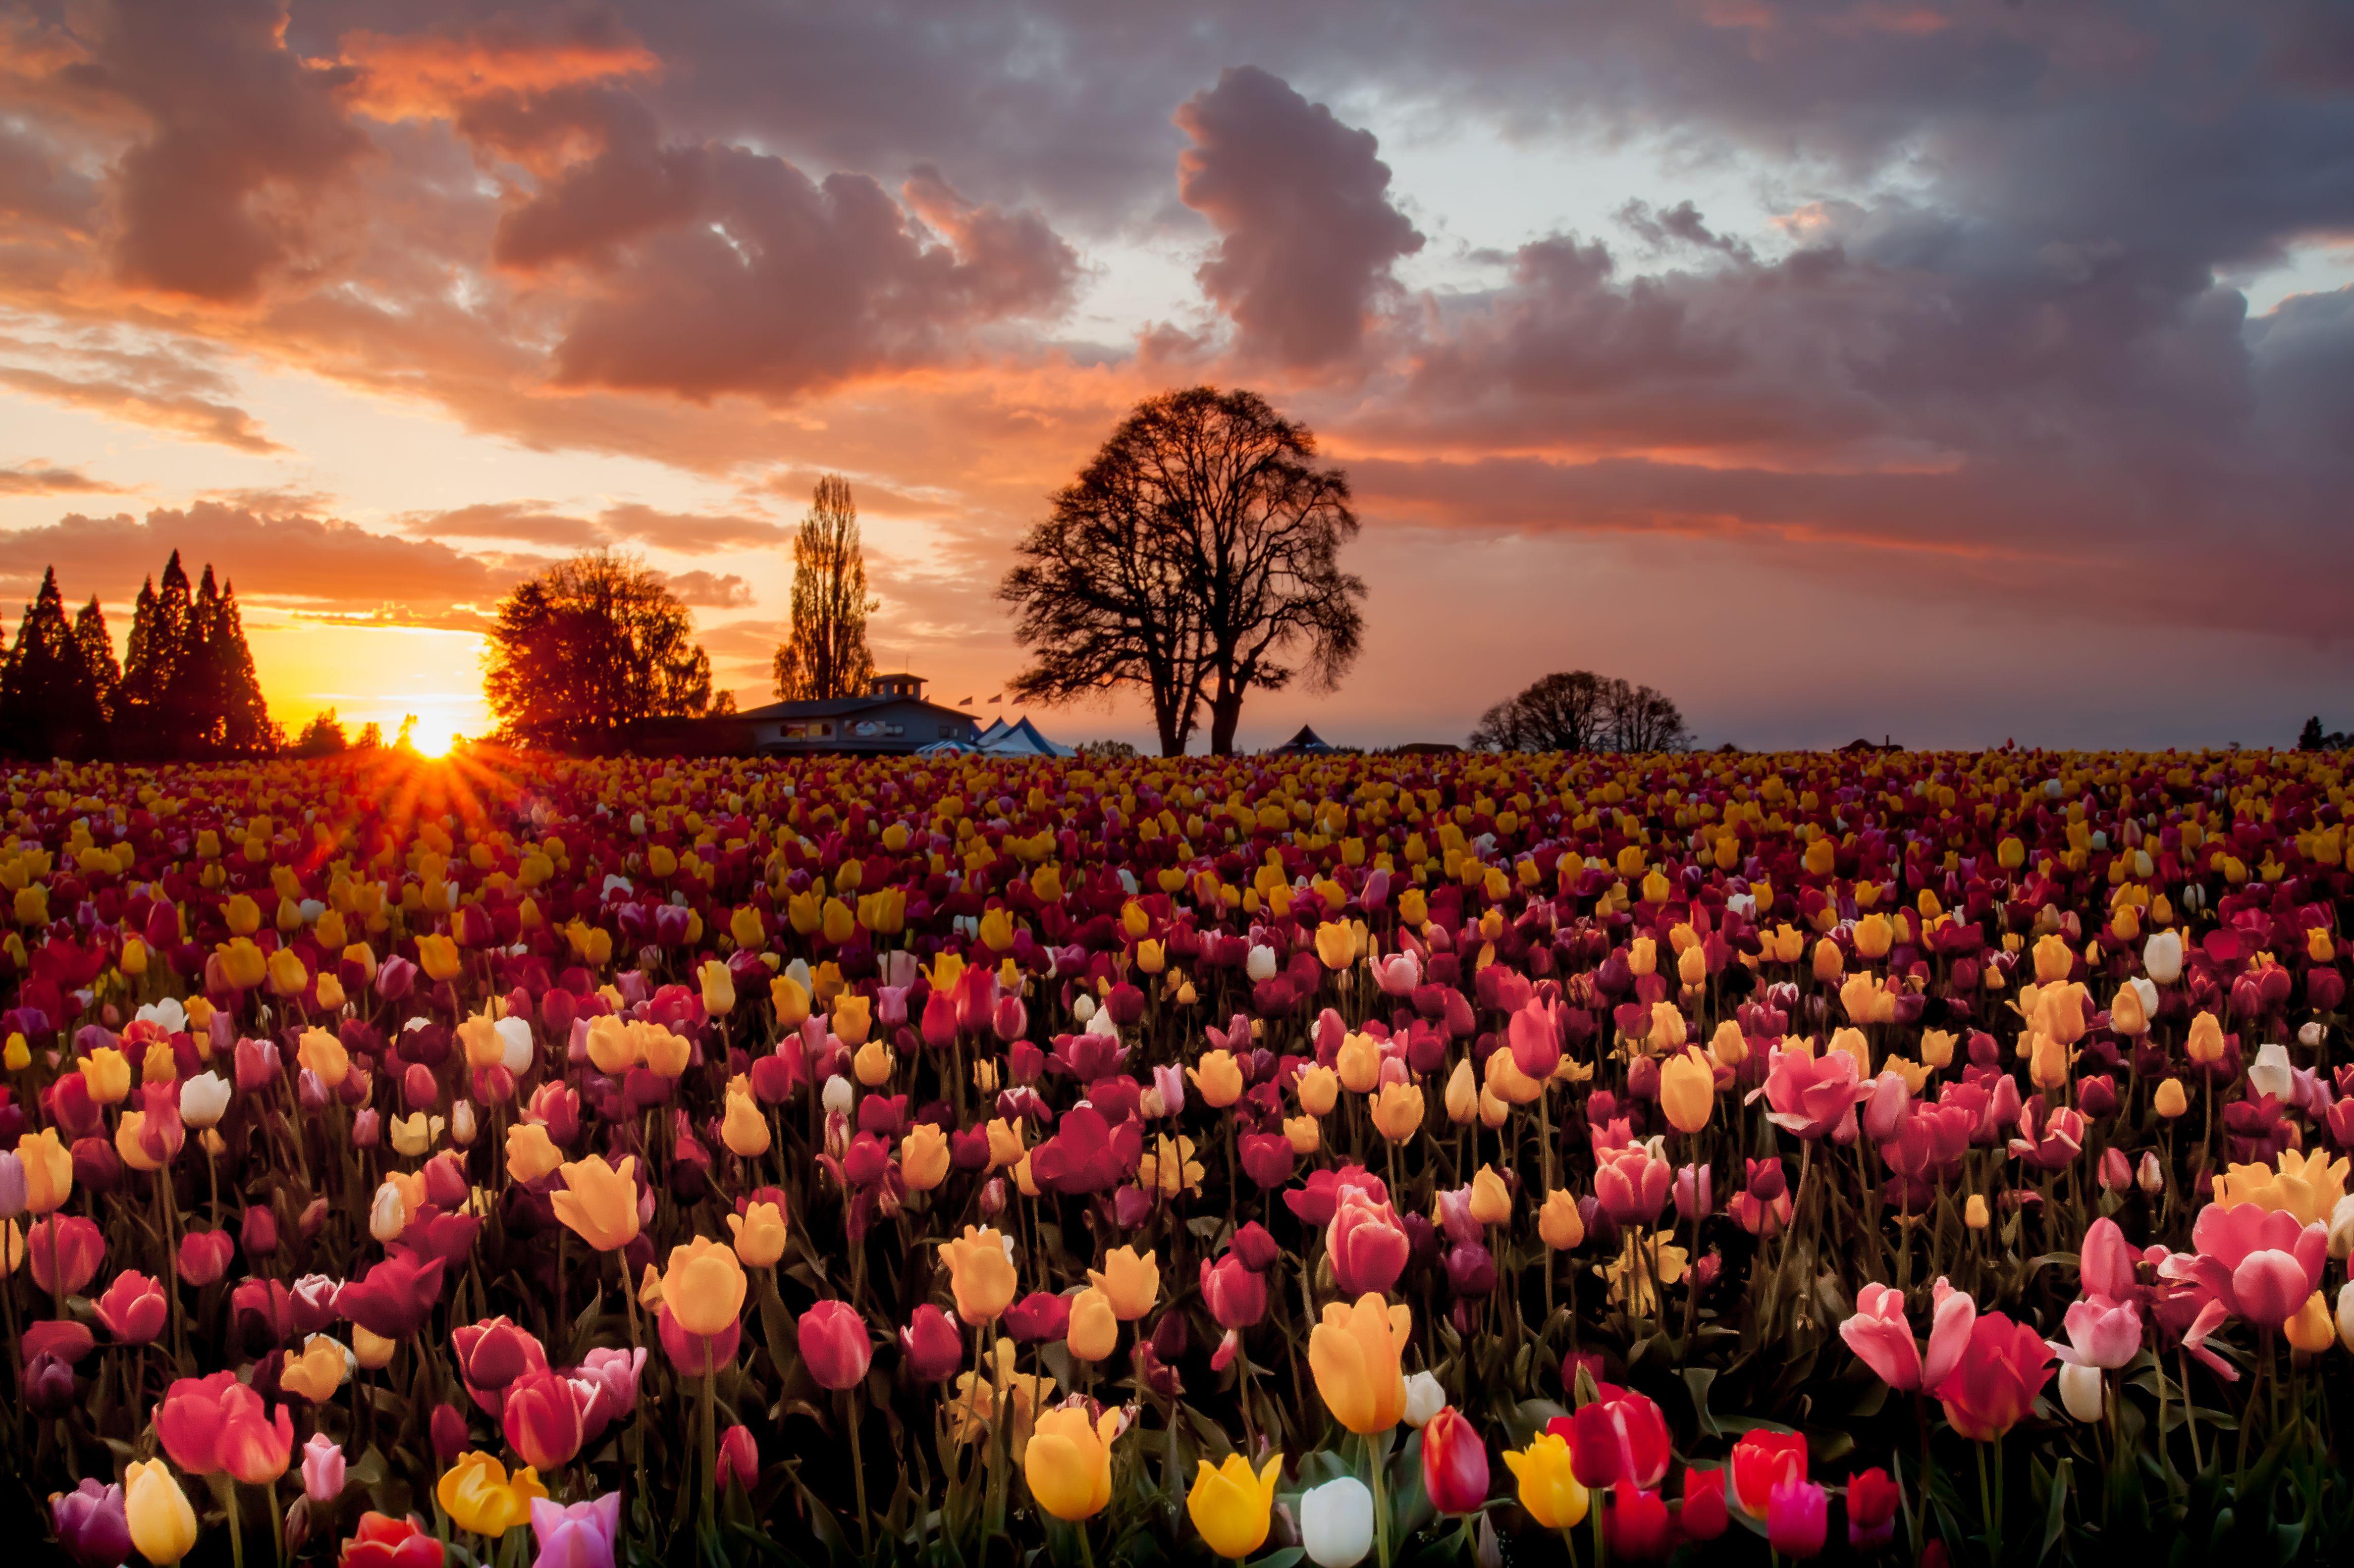 цветы на закате скачать